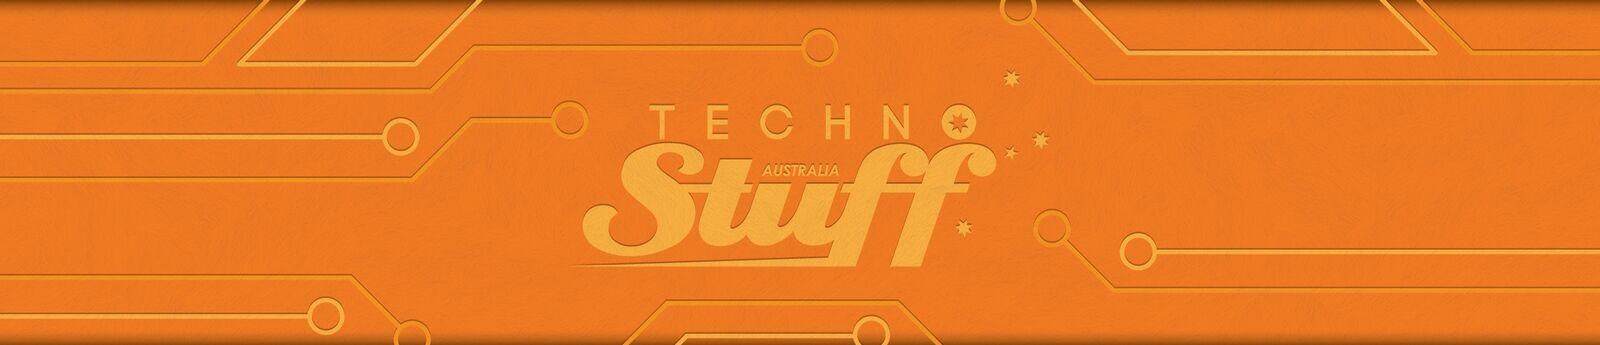 TechnoStuff